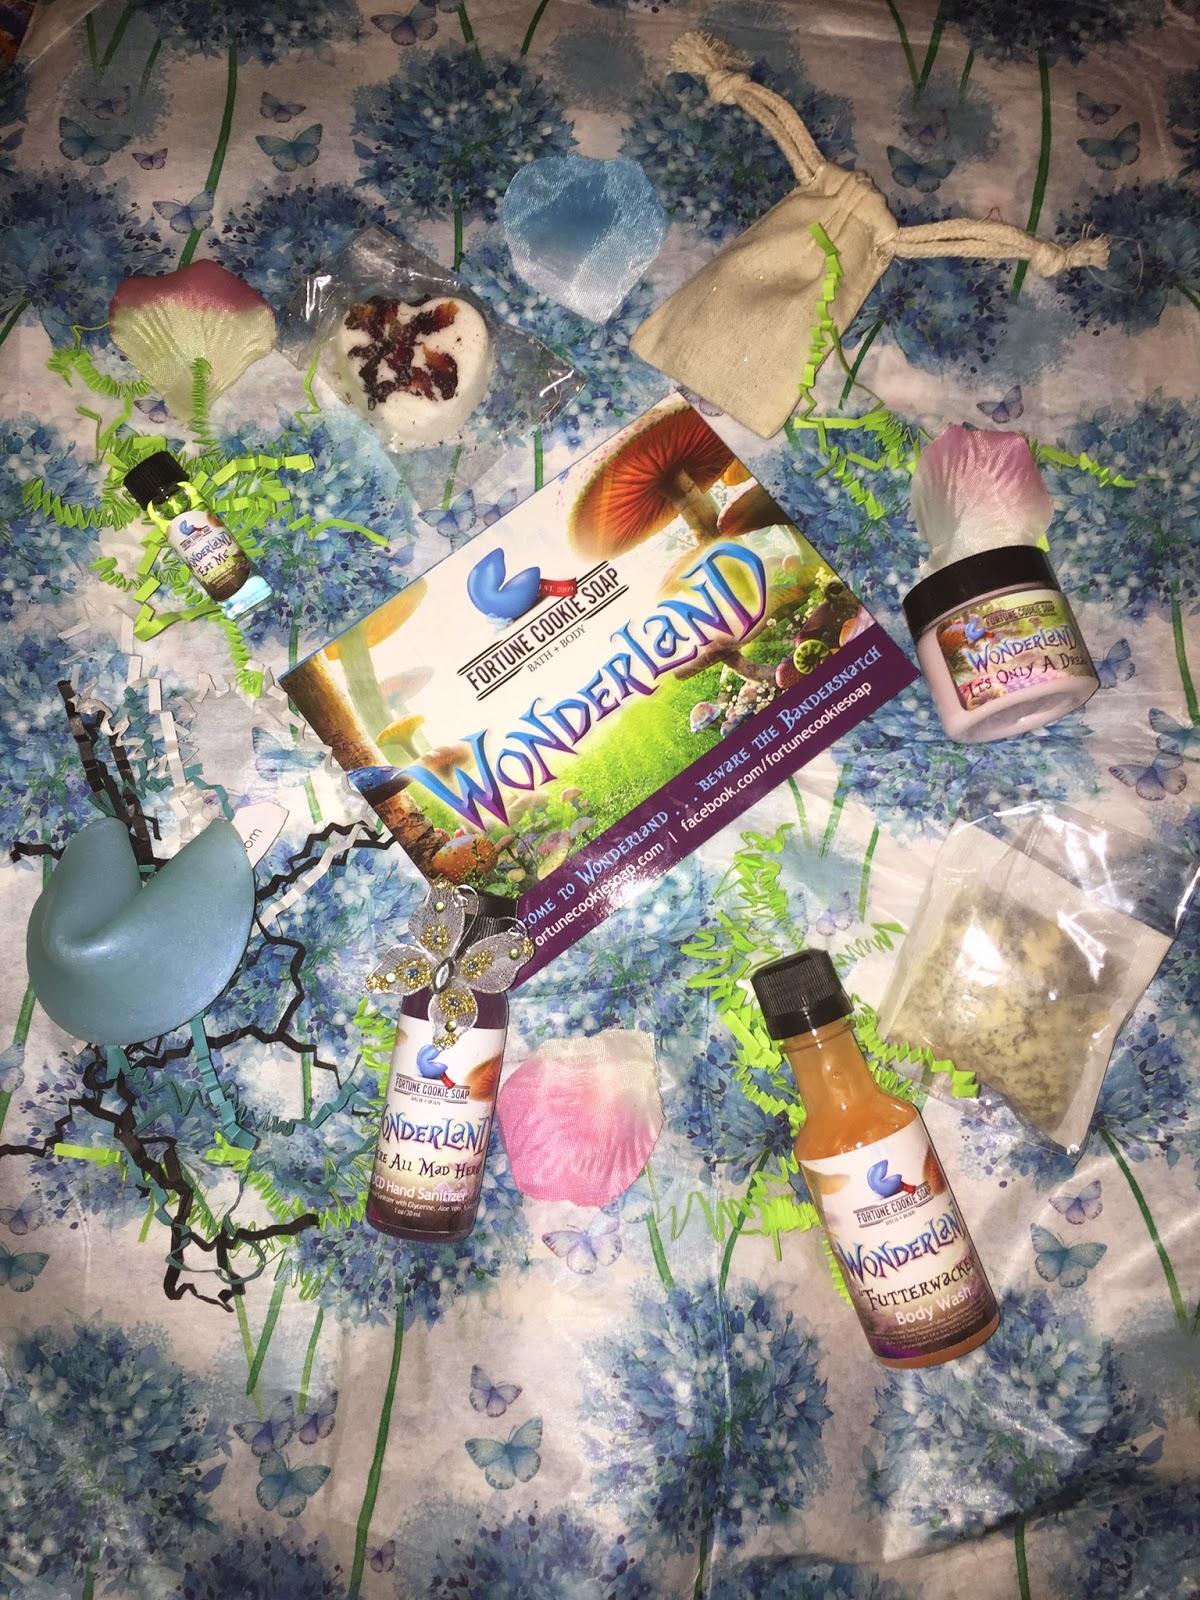 Ljsblogblog: SPRING SOAP BOX, WONDERLAND fortune cookie ...